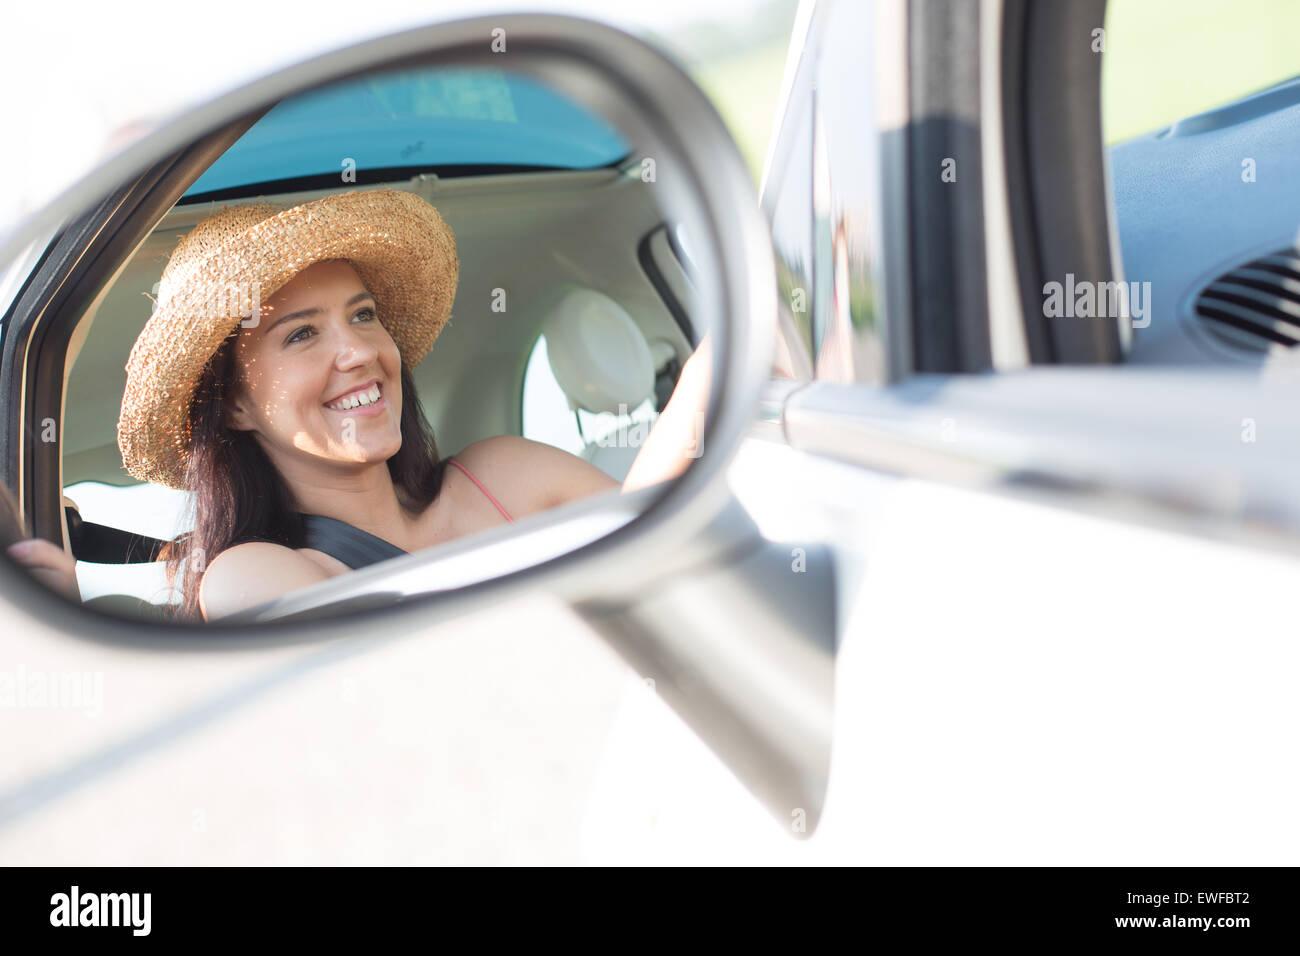 La riflessione di donna felice in specchietto retrovisore della macchina Immagini Stock